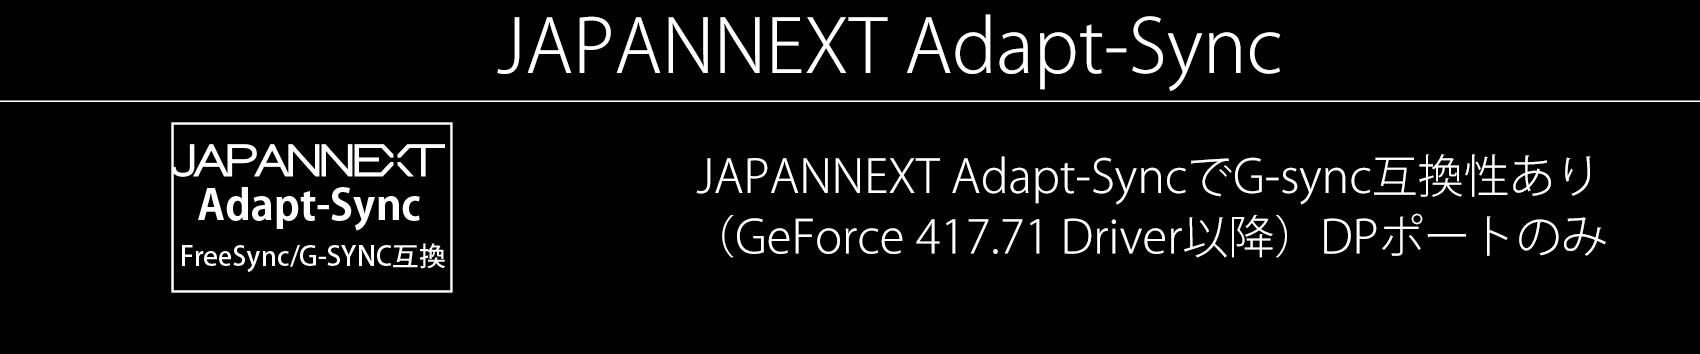 JAPANNEXT Adapt-SyncでG-sync互換性あり(GeForce 417.71 Driver以降)DPポートのみ。